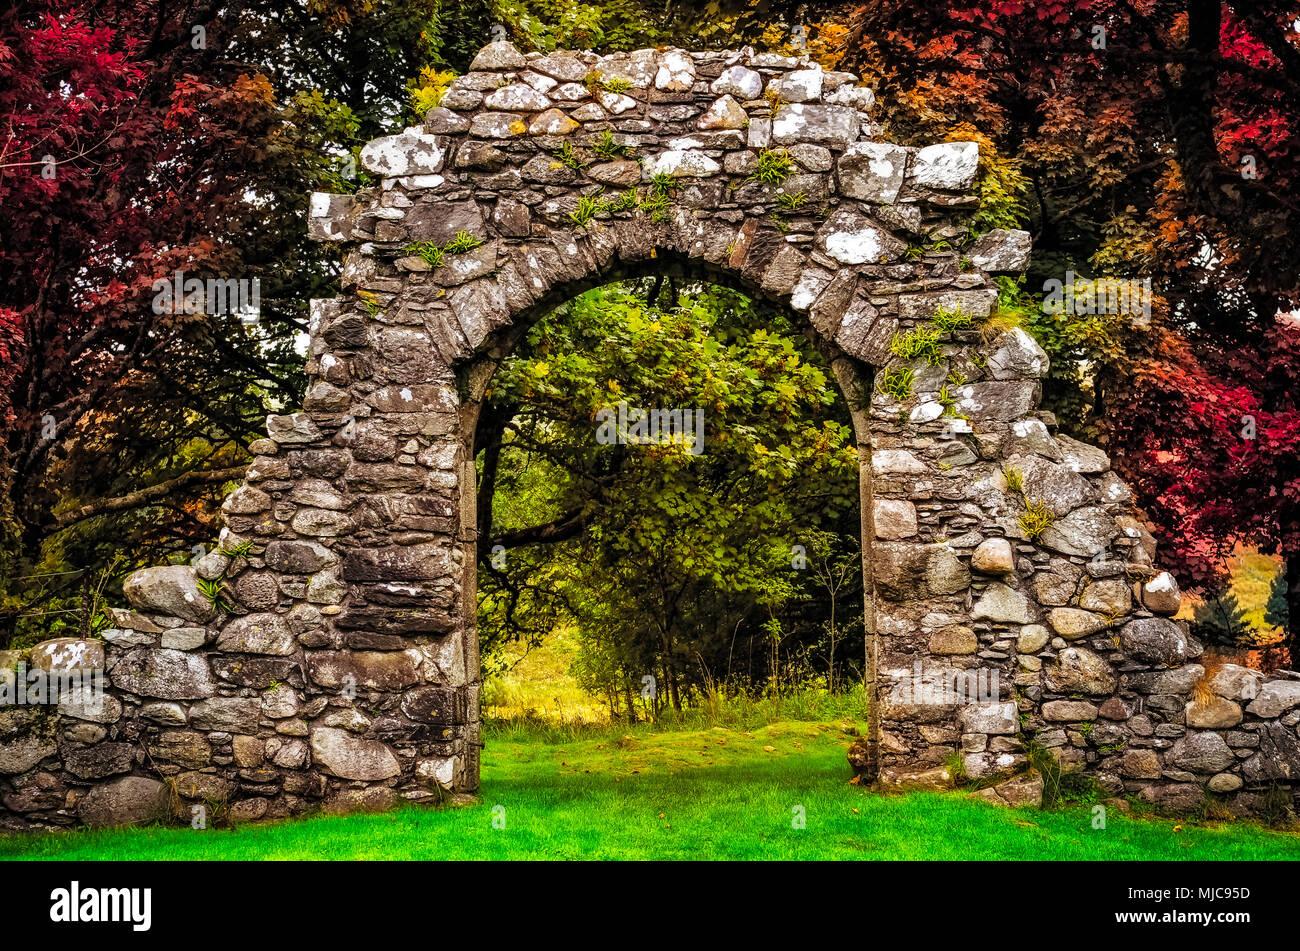 l 39 entr e en pierre vieux mur dans le jardin avec de belles feuilles color es banque d 39 images. Black Bedroom Furniture Sets. Home Design Ideas